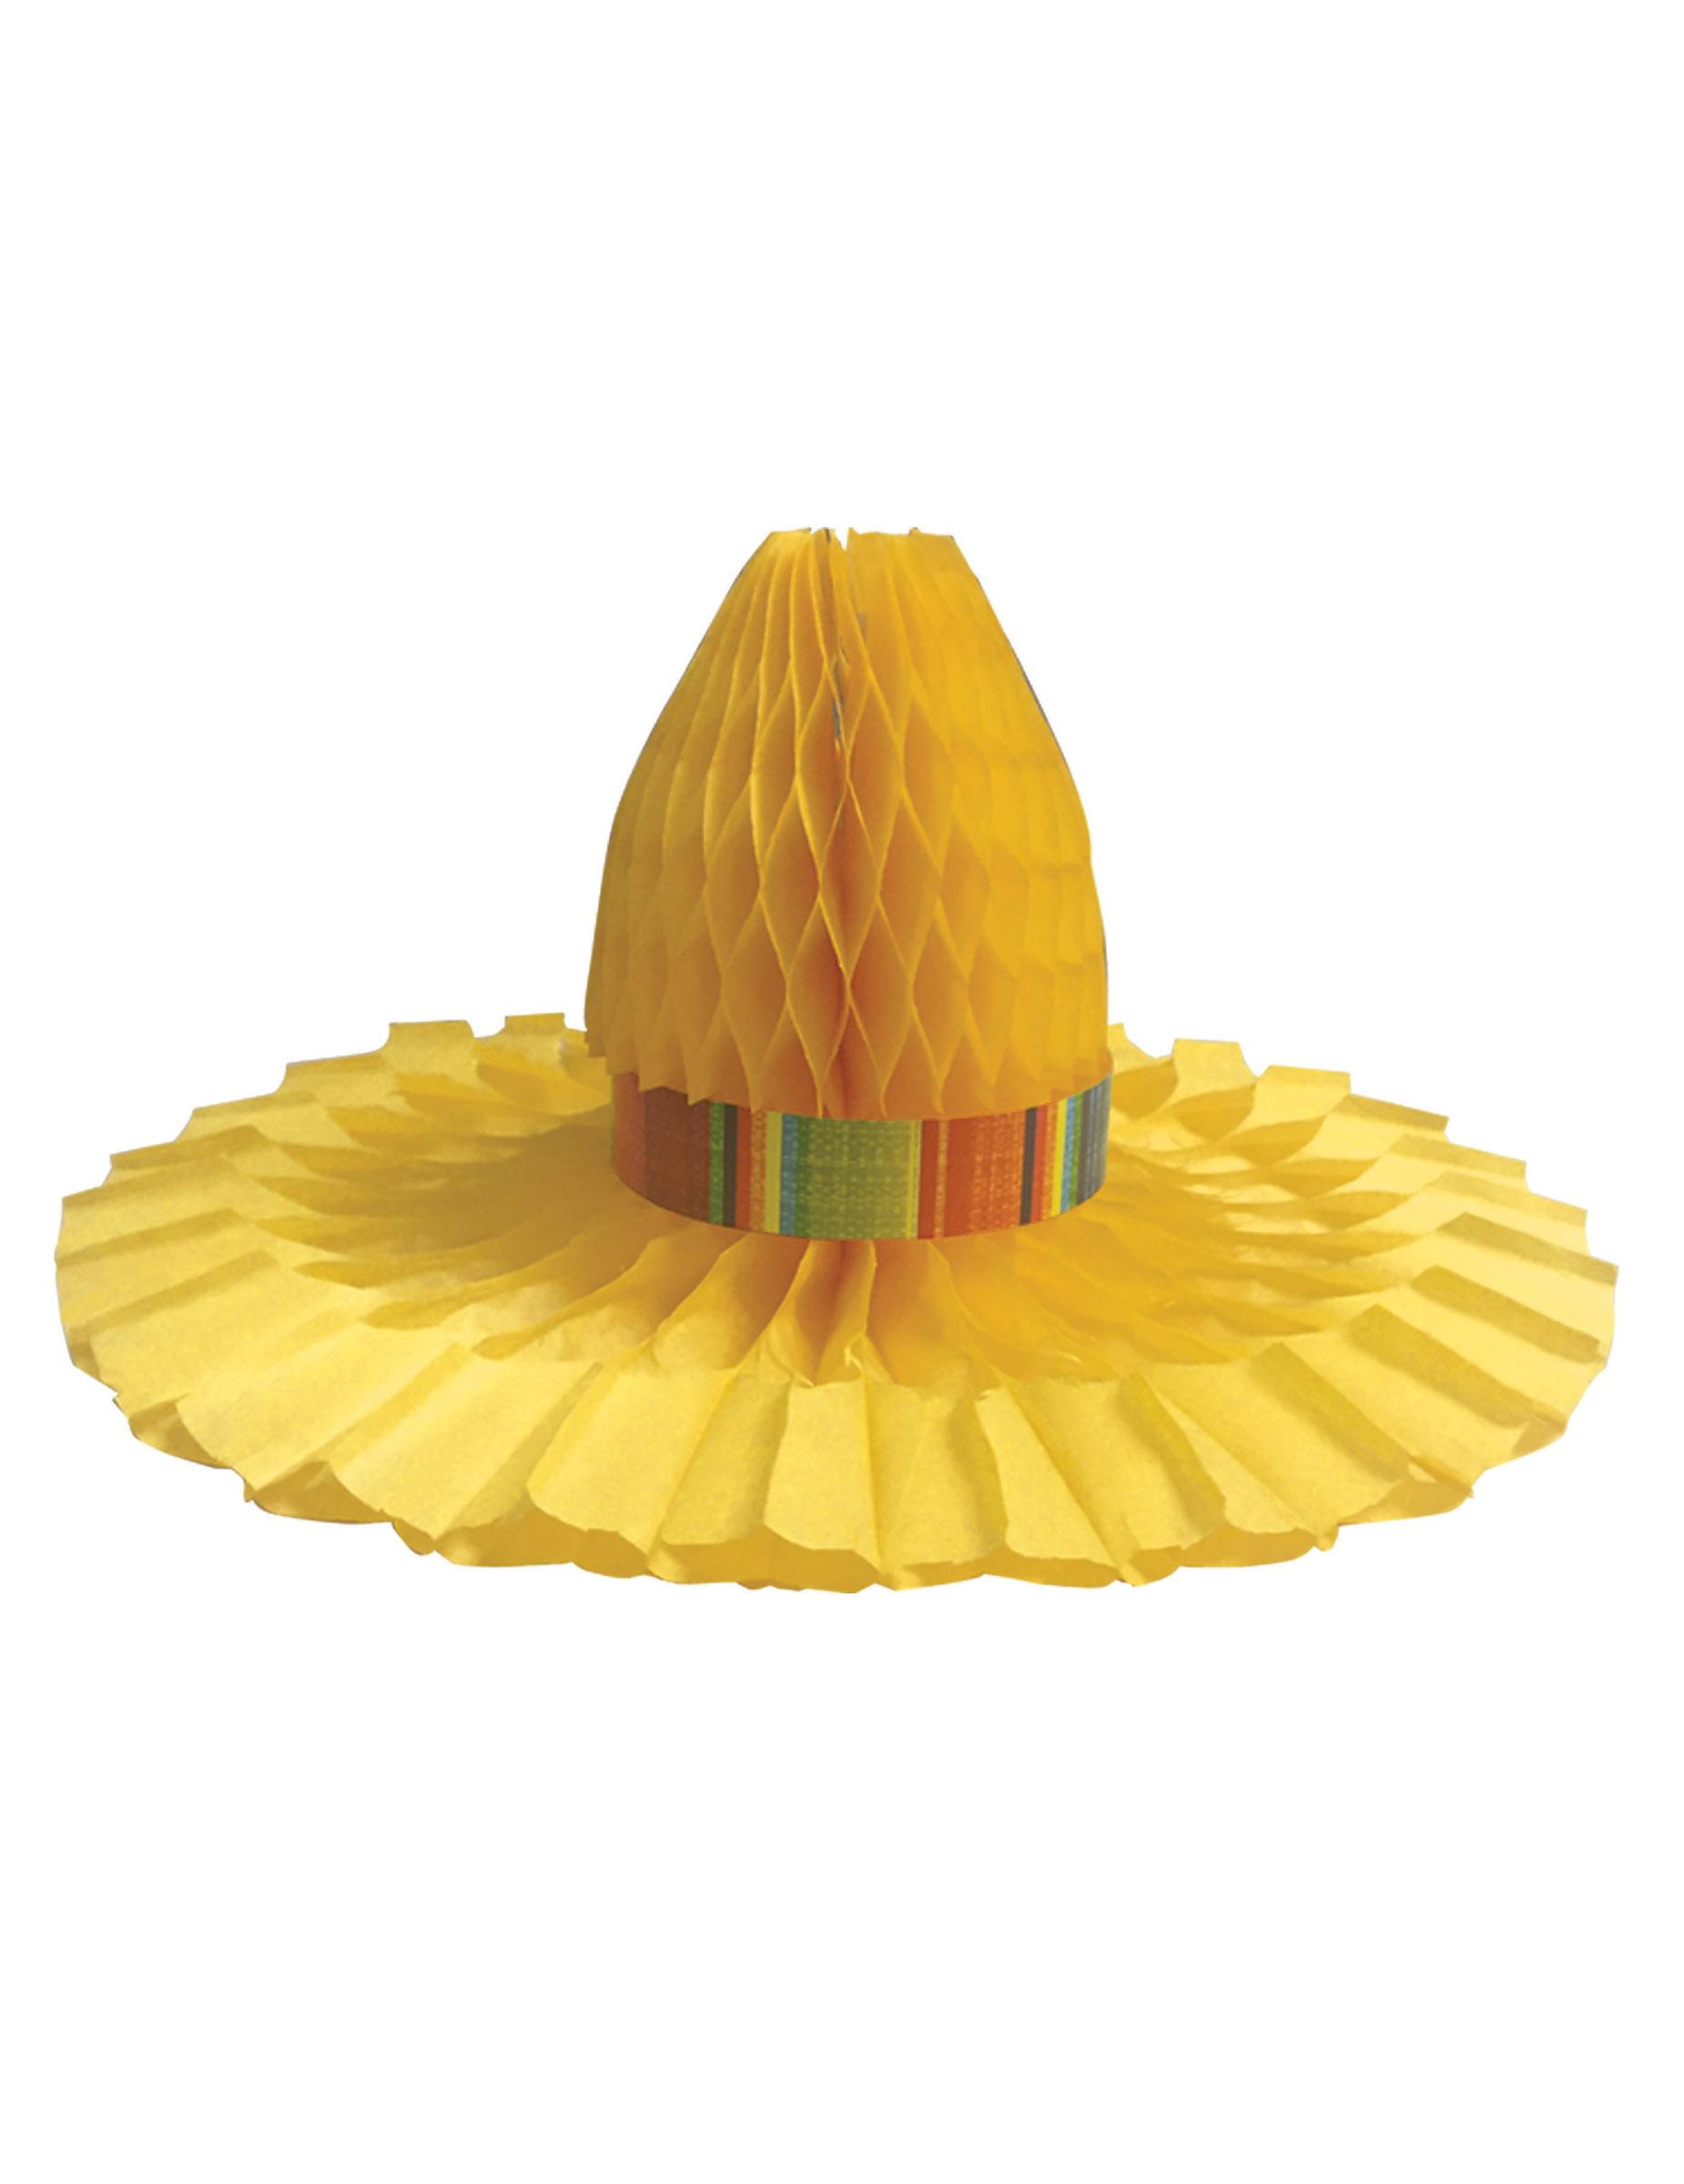 Centro tavola cappello giallo  Addobbi 7c10a5180539